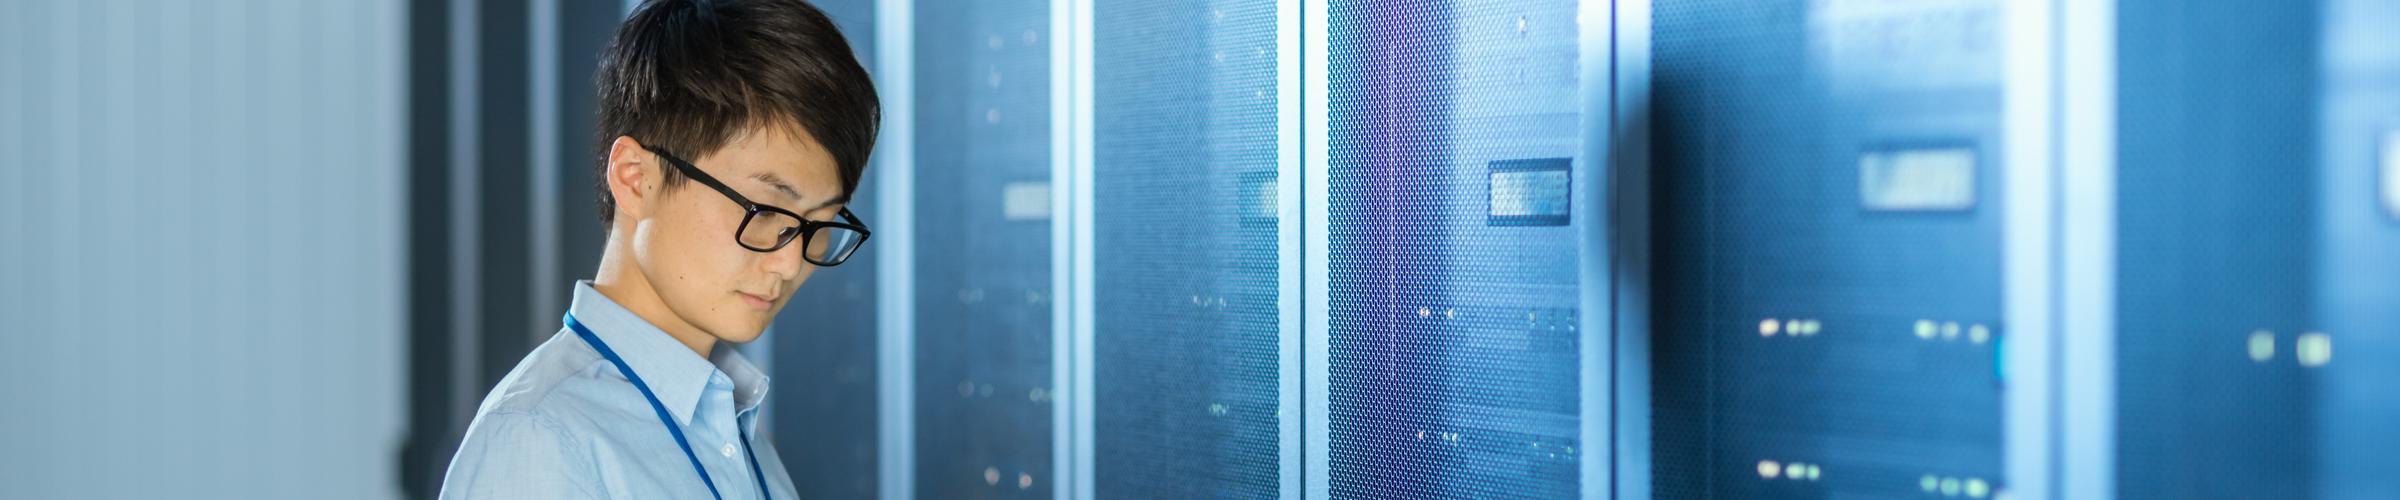 Cloud & Data Centre